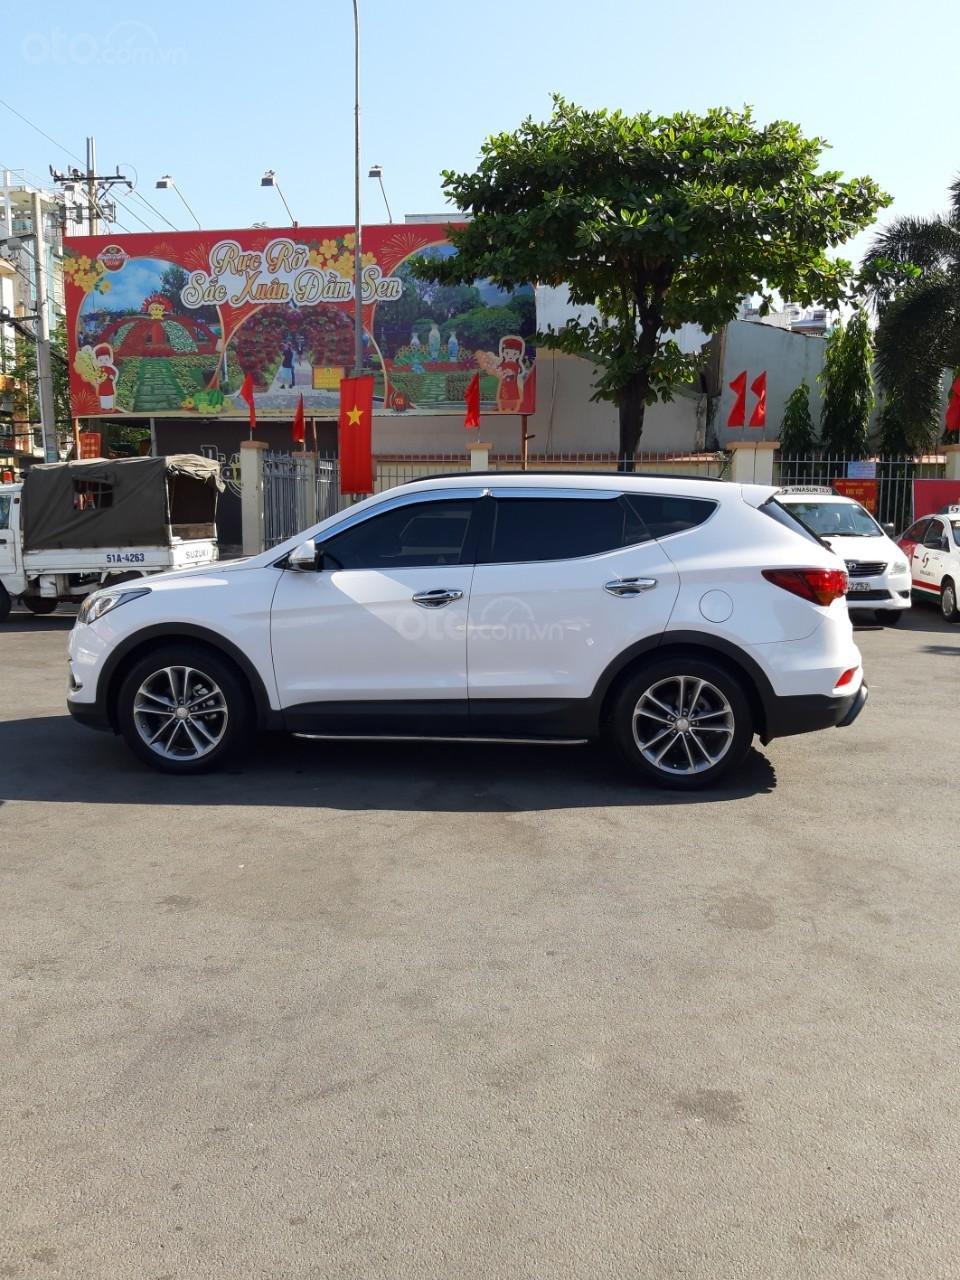 Hyundai Santa Fe CRDi model 2017, màu trắng, nhập khẩu còn mới toanh, full option loại cao cấp nhất, 1 tỷ 50tr-0